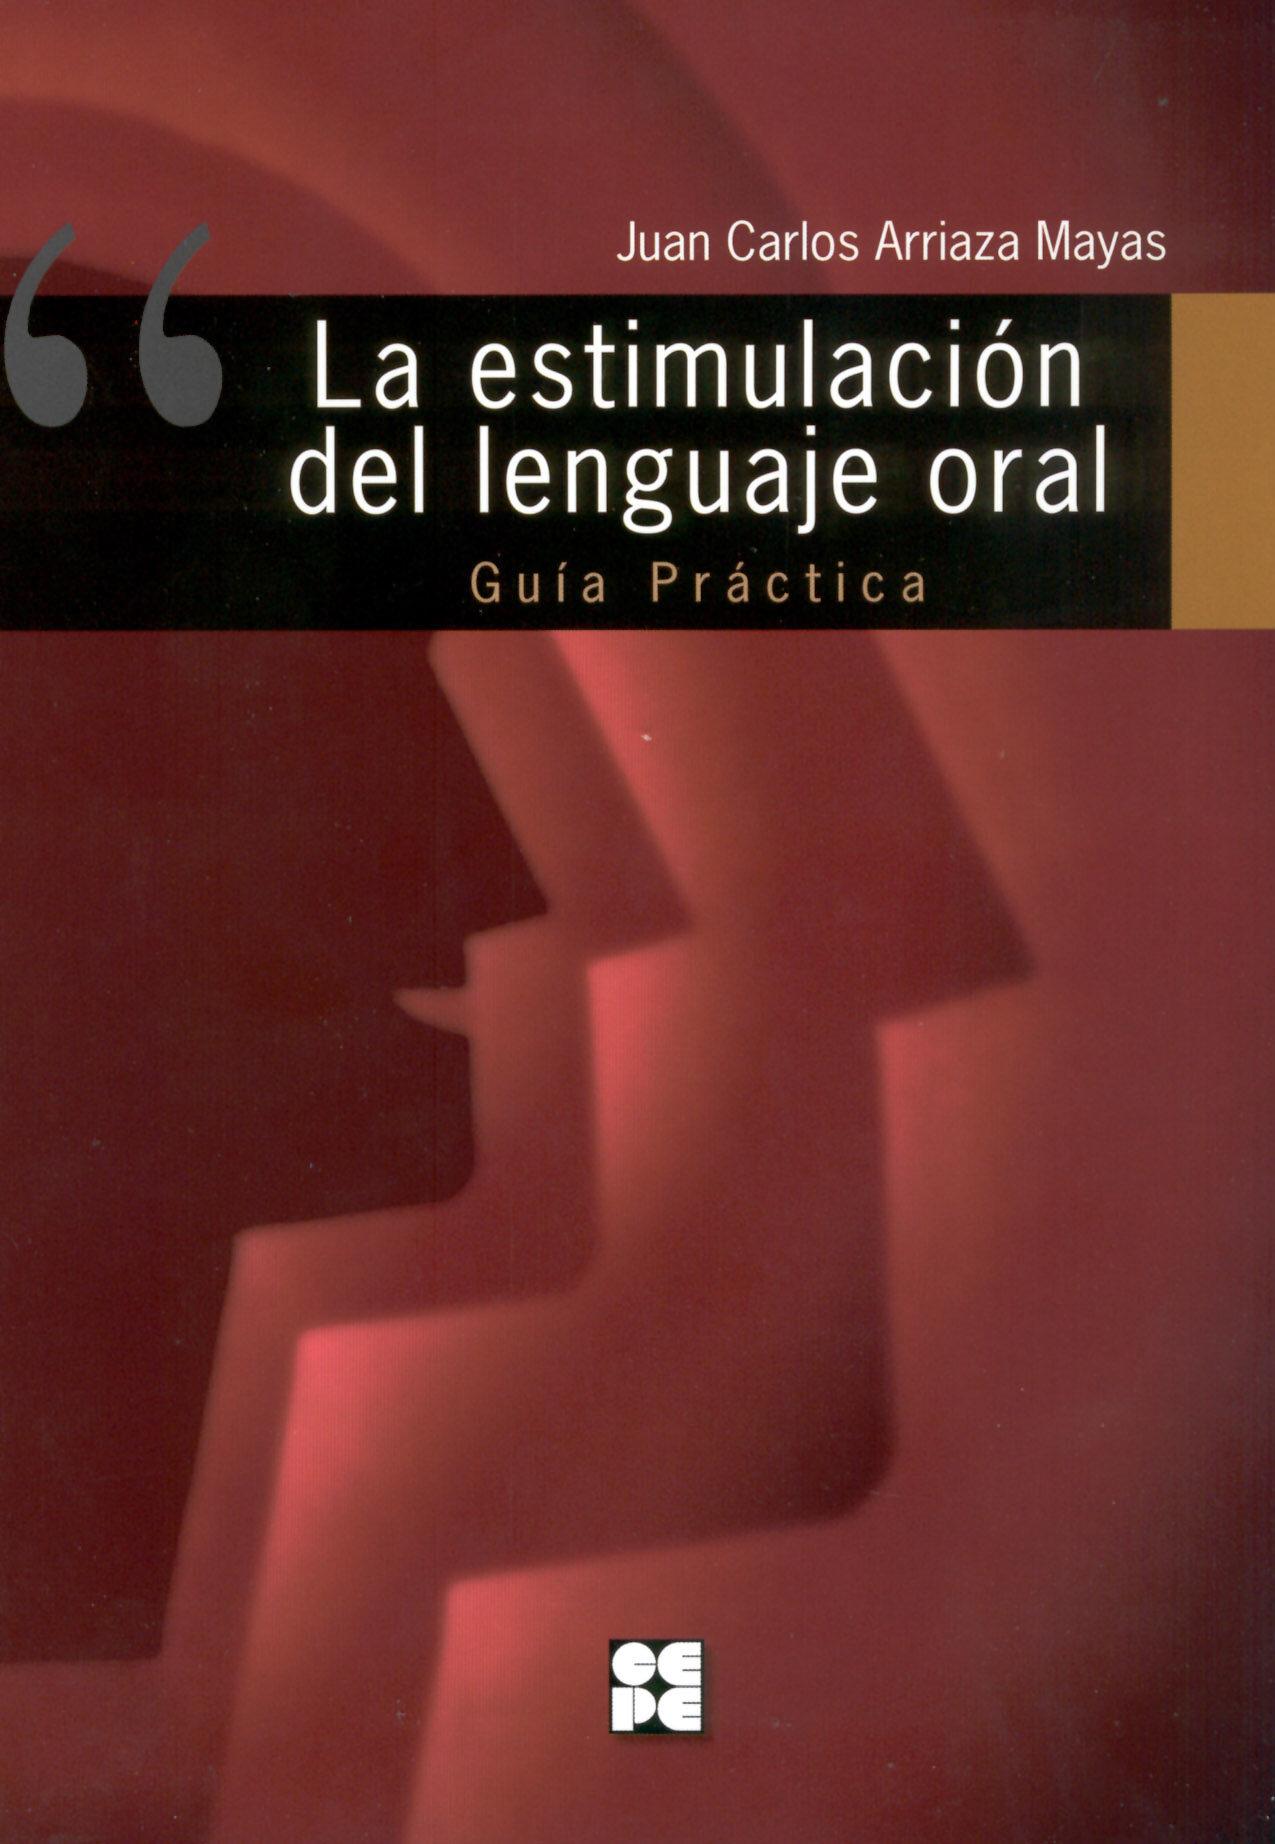 Estimulacion Del Lenguaje Oral: La Guia Practica por Juan Carlos Arriaza Mayas epub